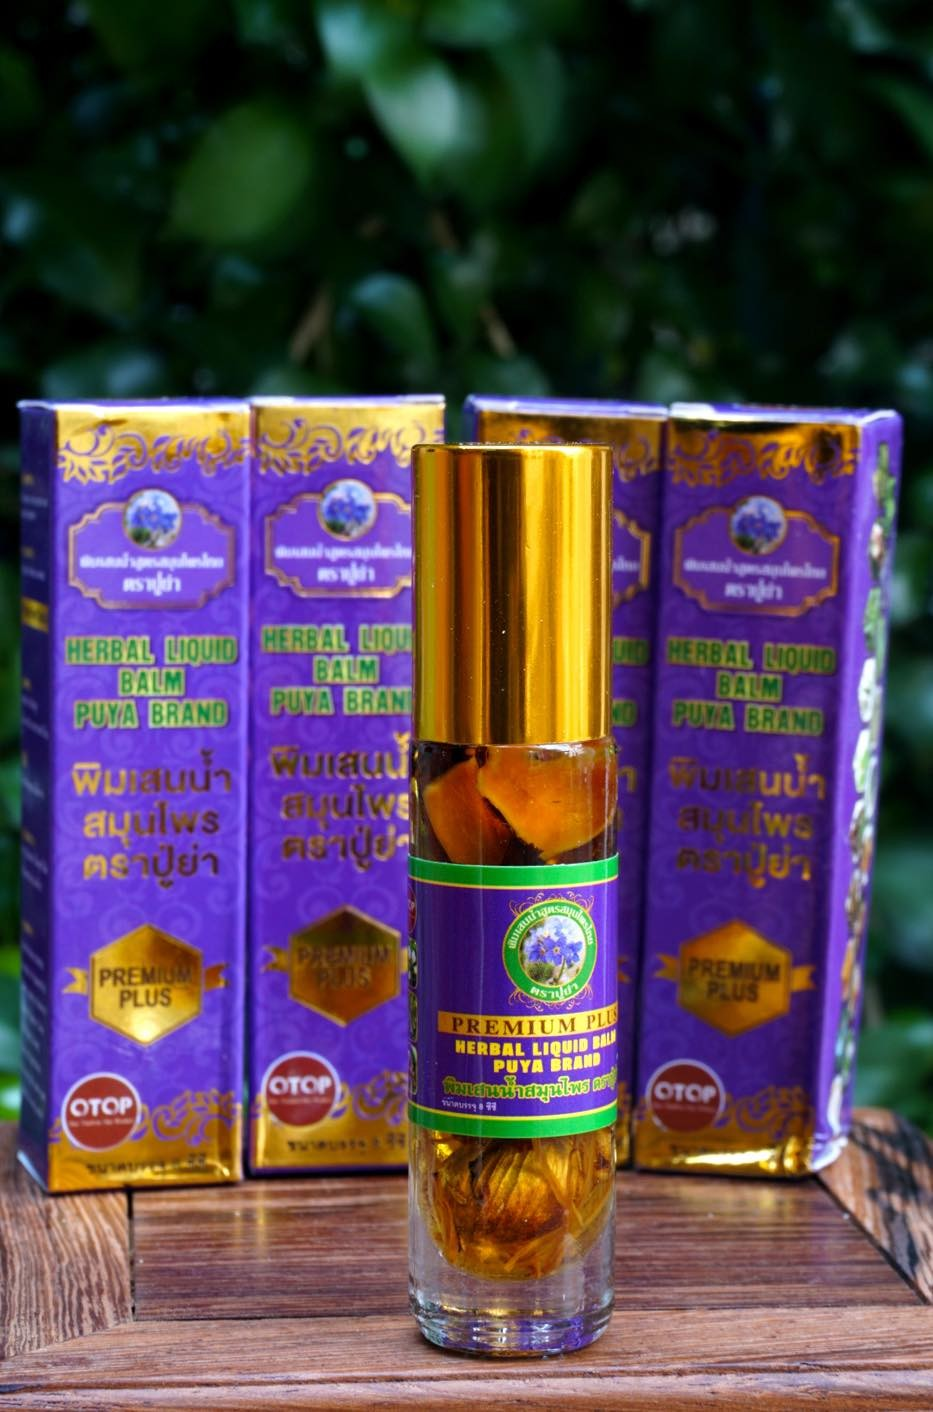 Dòng cao cấp - Dầu Gió 19 Loại Thảo Dược Thái Lan 8ml - Herbal Liquid Balm Puya Brand - Chính hãng chuyên Sỉ và Lẻ